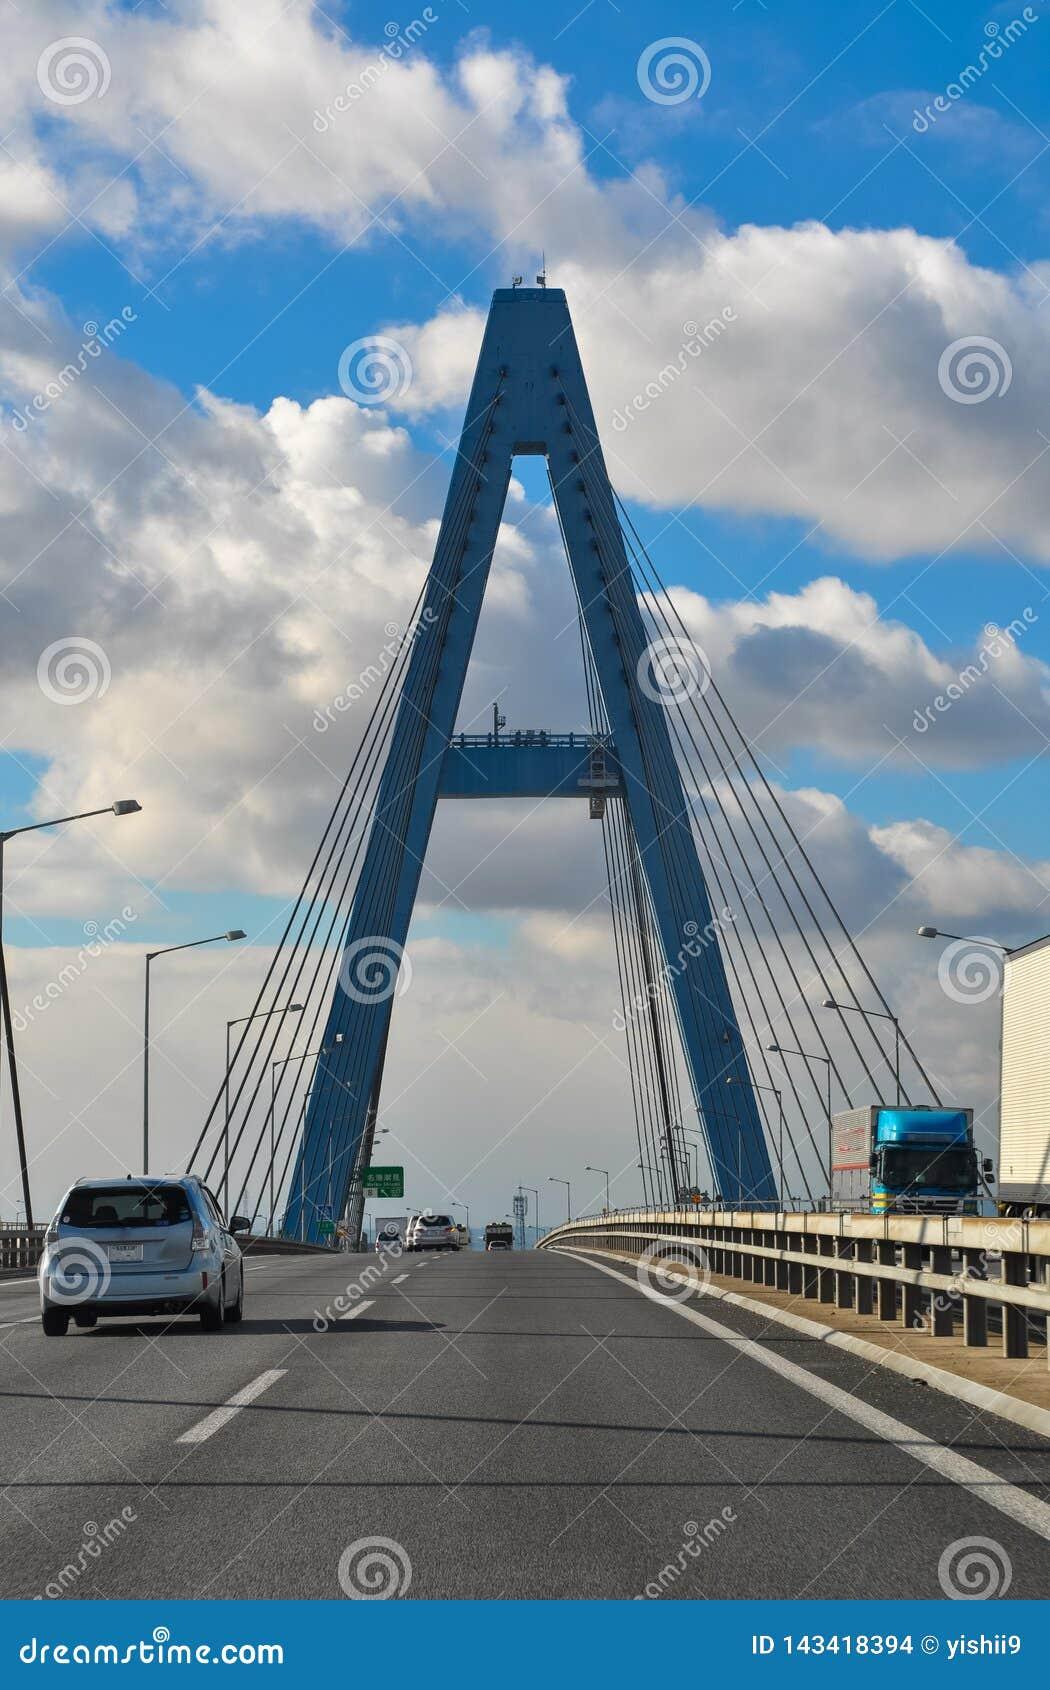 Puente de acero en una carretera que parecer A capital